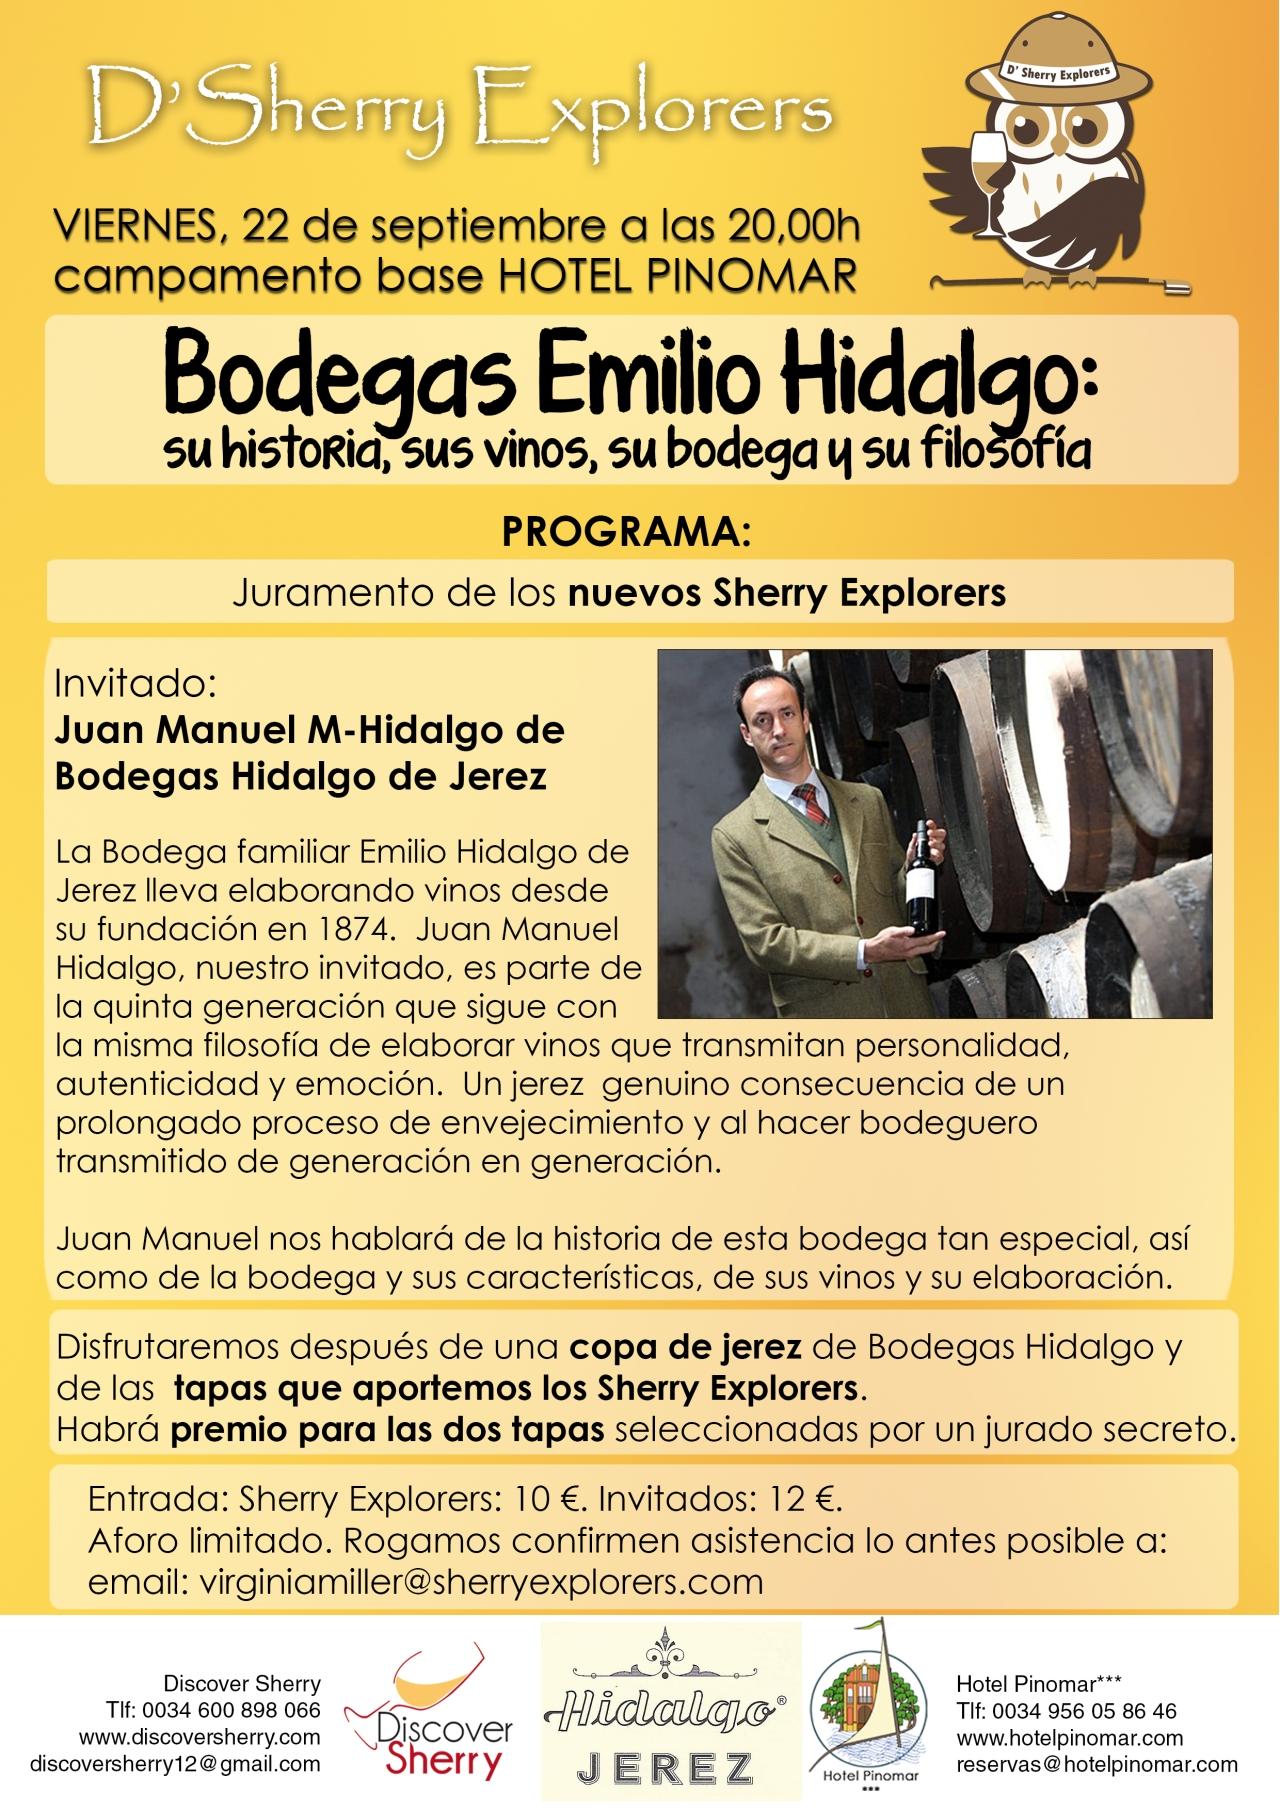 Comienza el curso de los Sherry Explorers con Juan Manuel Hidalgo, Bodegas Hidalgo, Jerez/Opening session for the Sherry Explorers hosted by Juan Manuel Hidalgo, Bodegas Hidalgo, Jerez de laFrontera